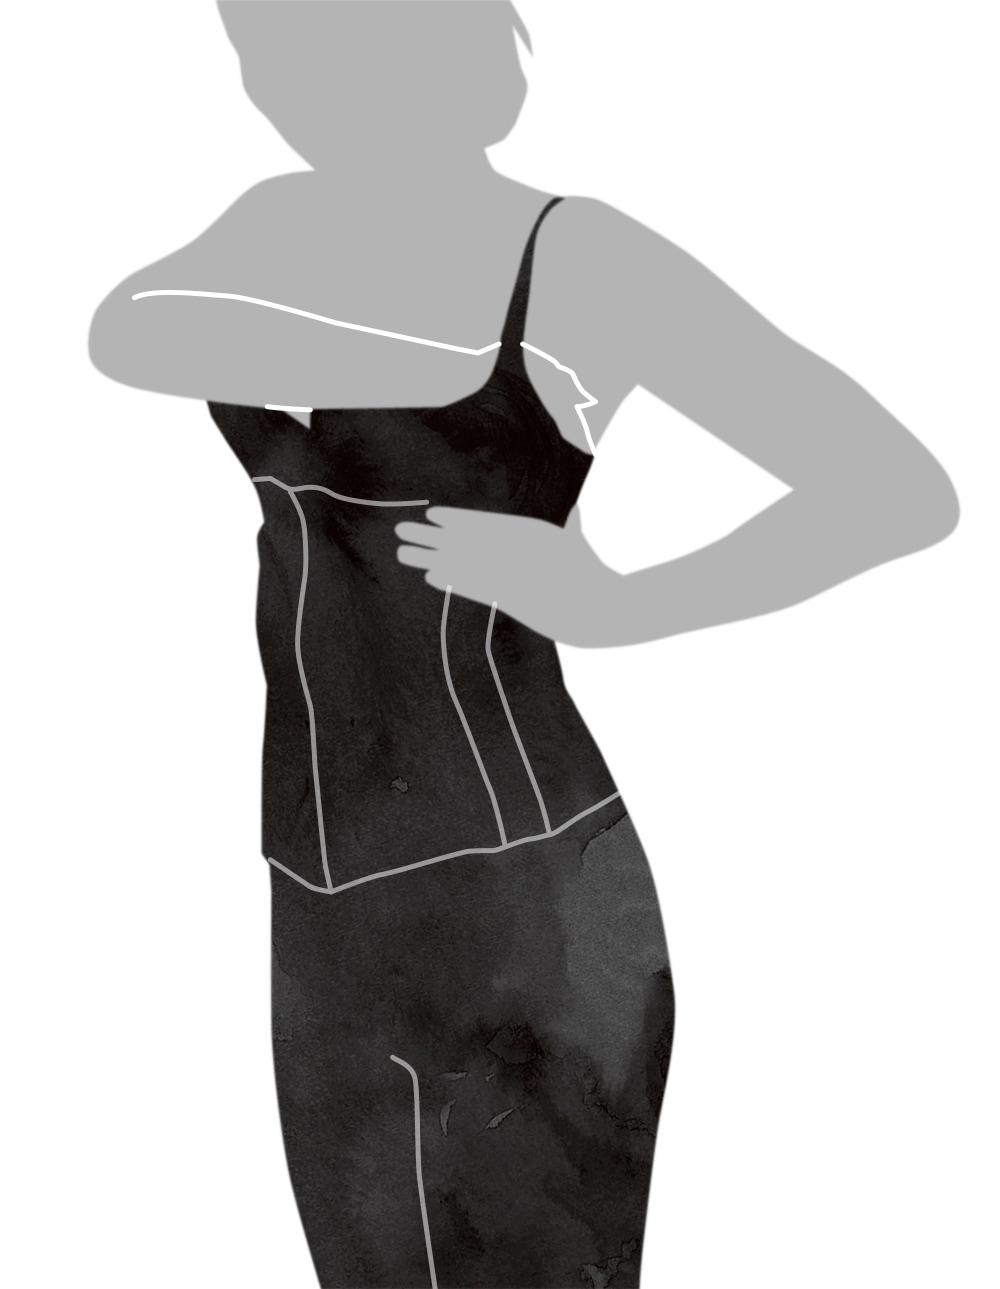 ウエストニッパーの着用方法応用編-4